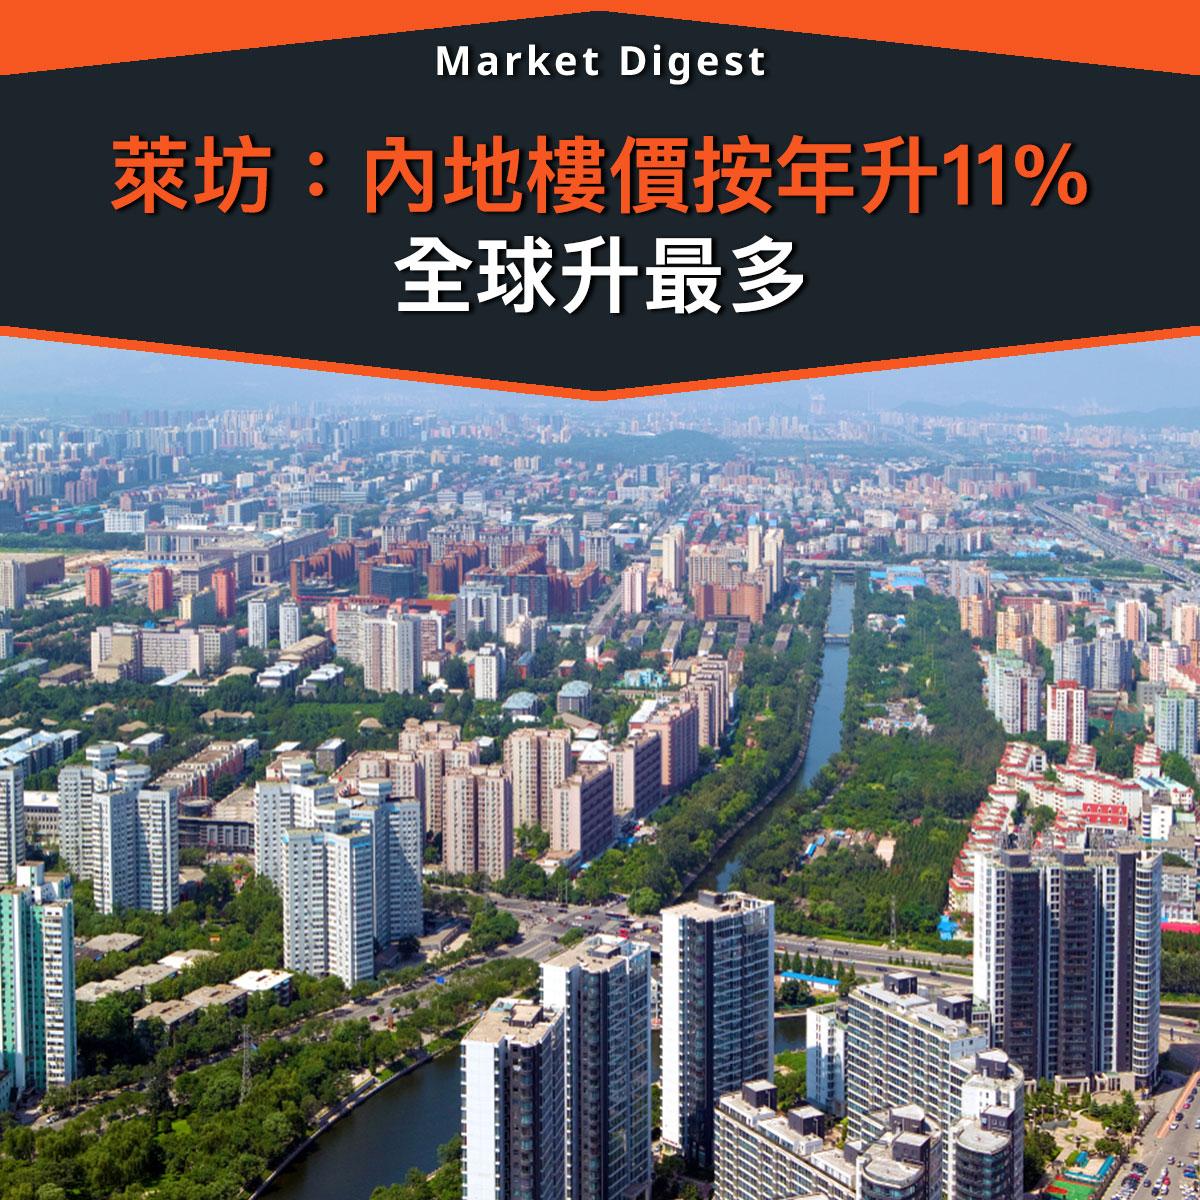 萊坊:內地樓價按年11%升幅 全球升最多